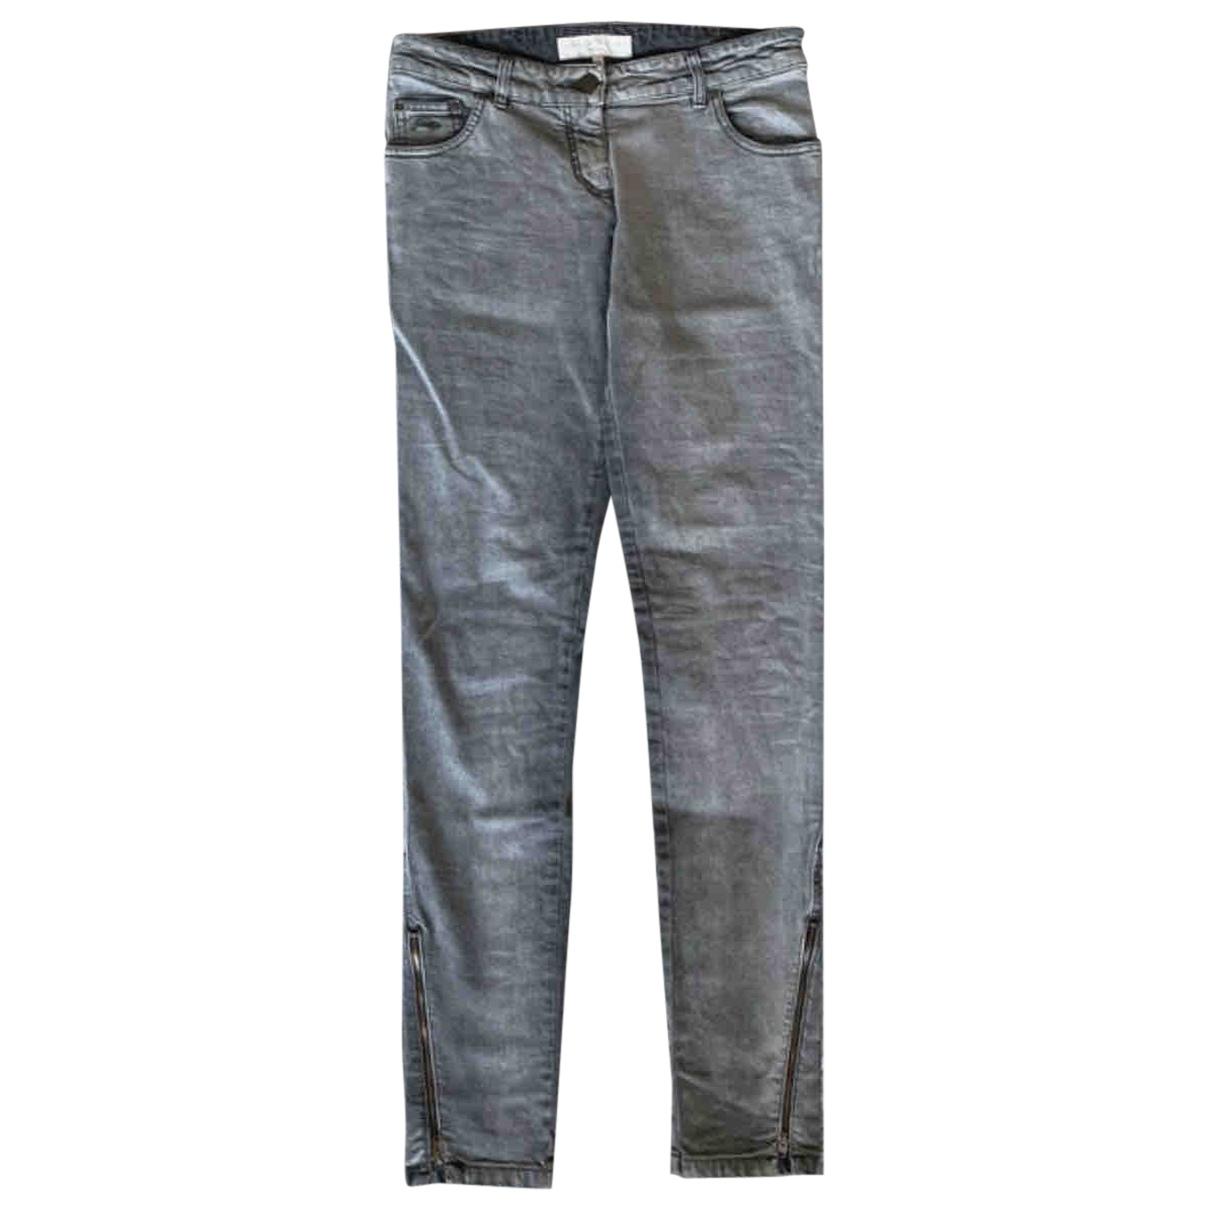 Stella Mccartney \N Grey Cotton - elasthane Jeans for Women 36 FR